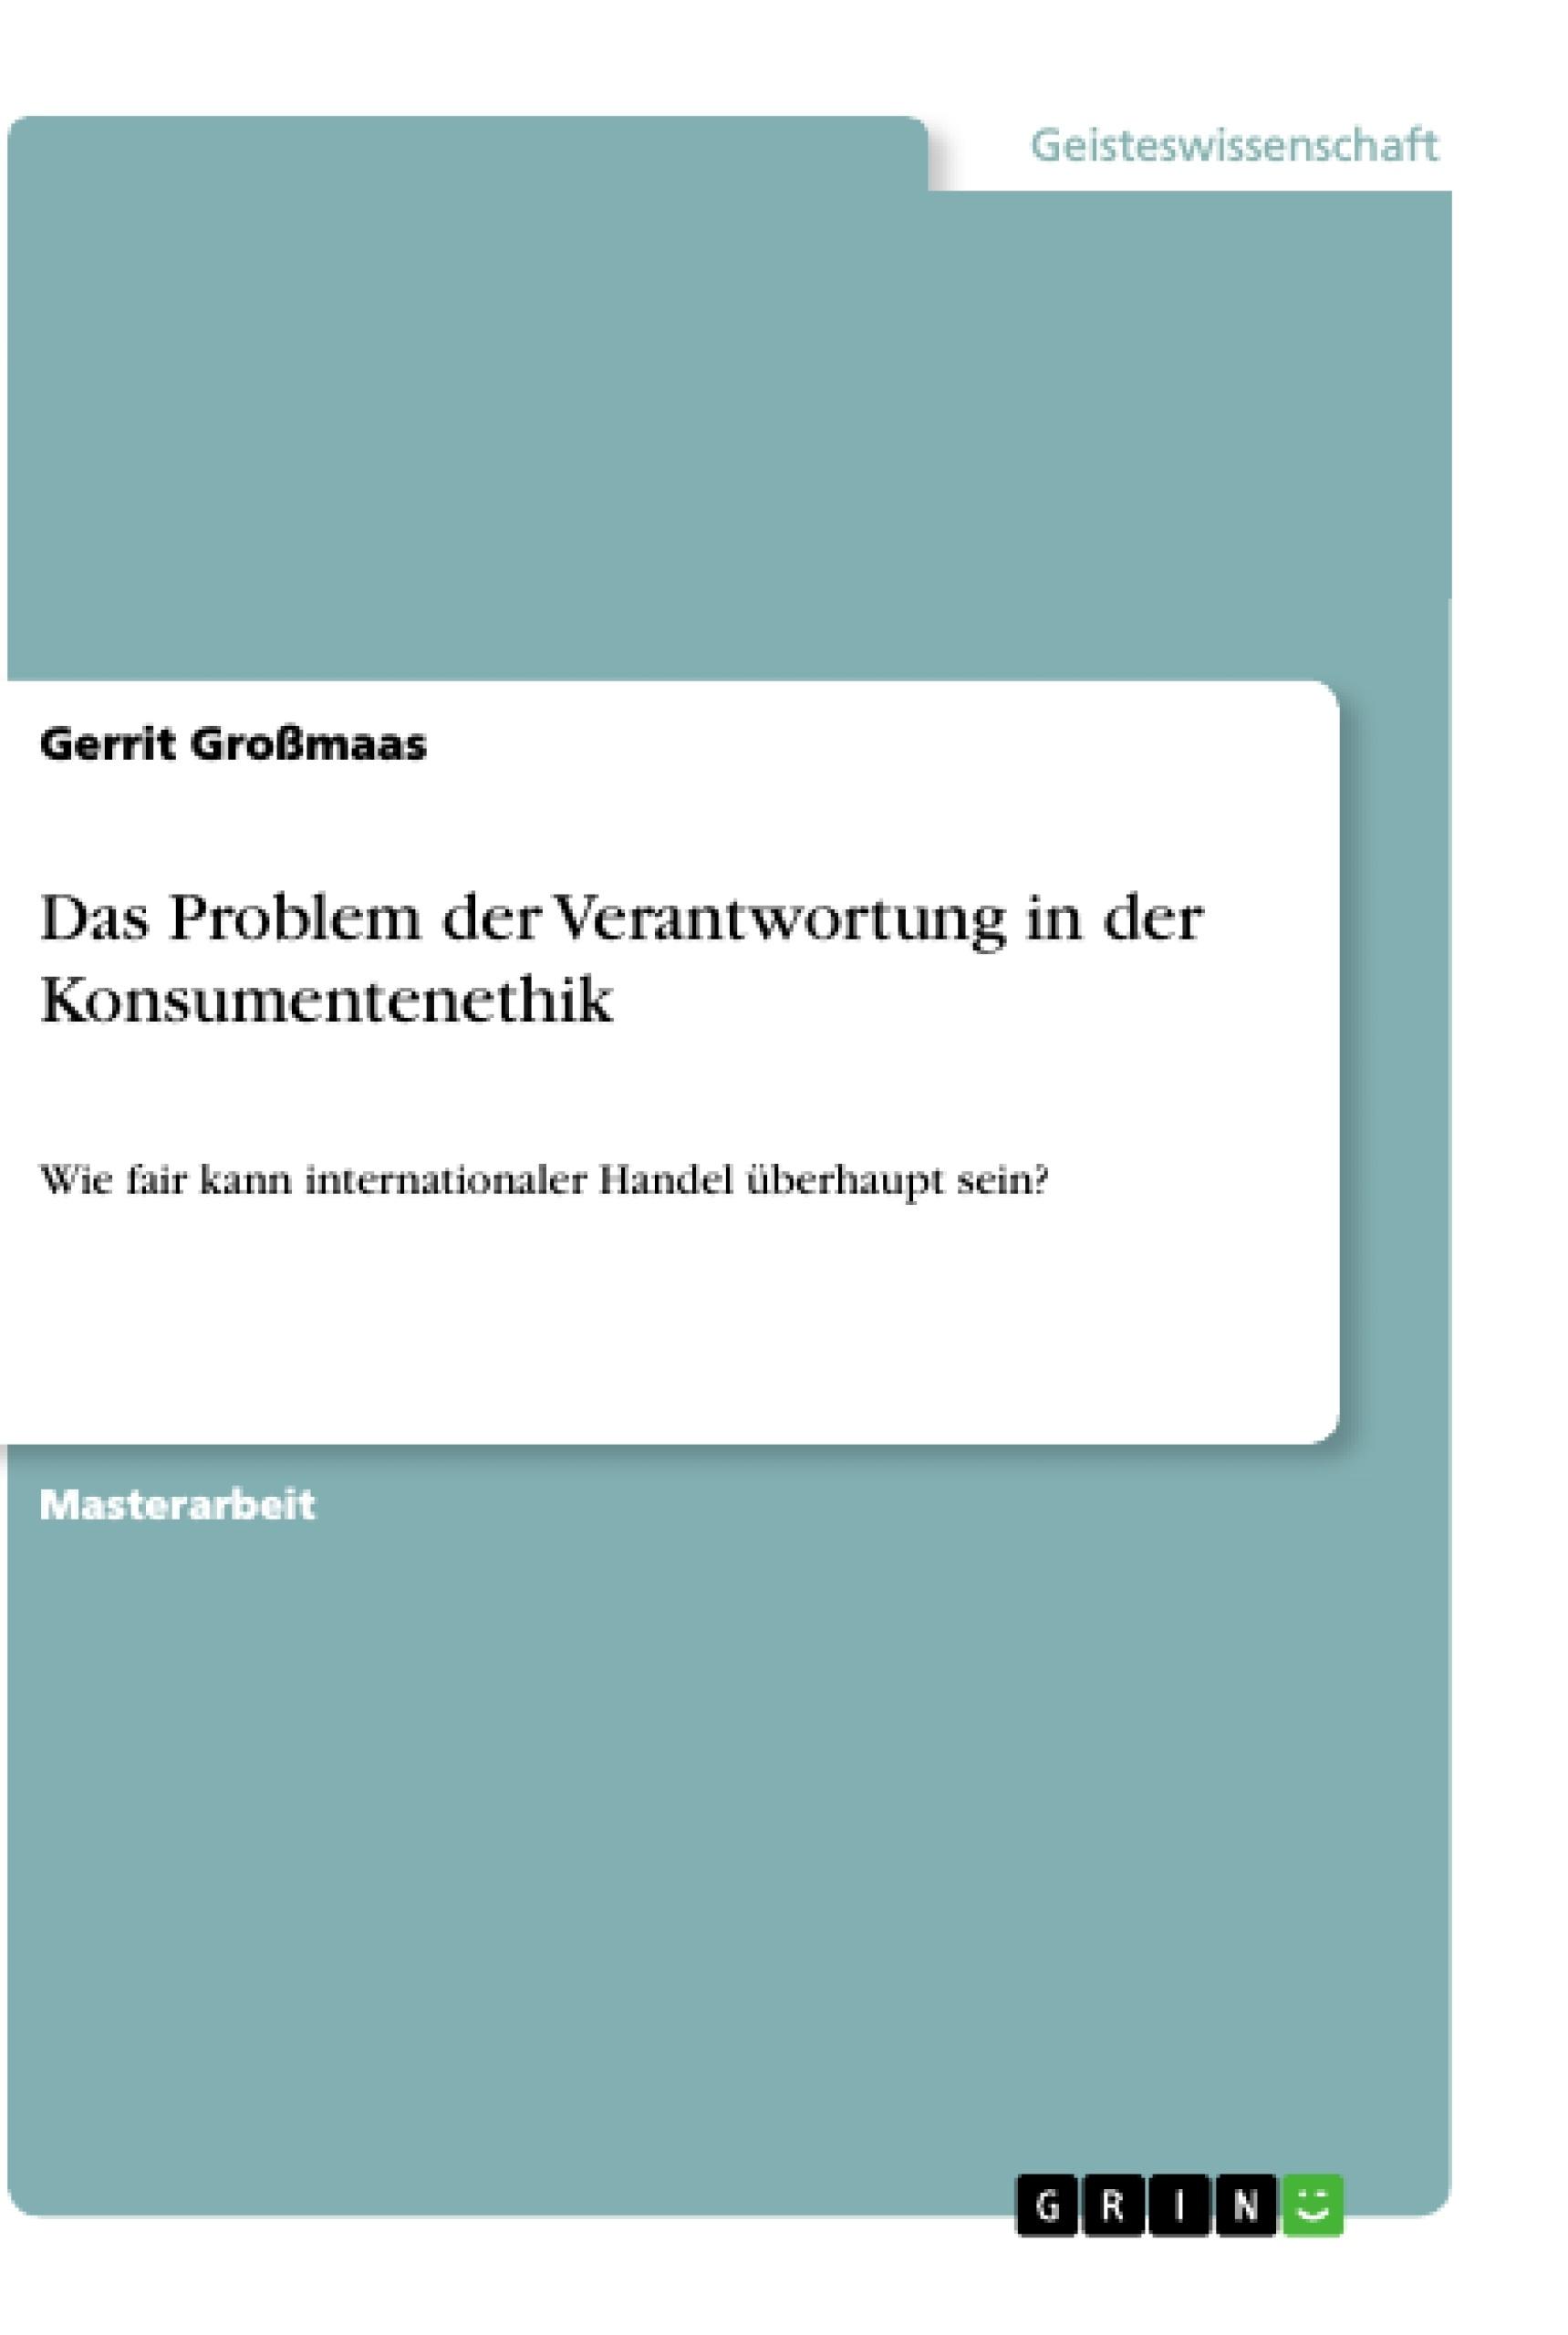 Titel: Das Problem der Verantwortung in der Konsumentenethik